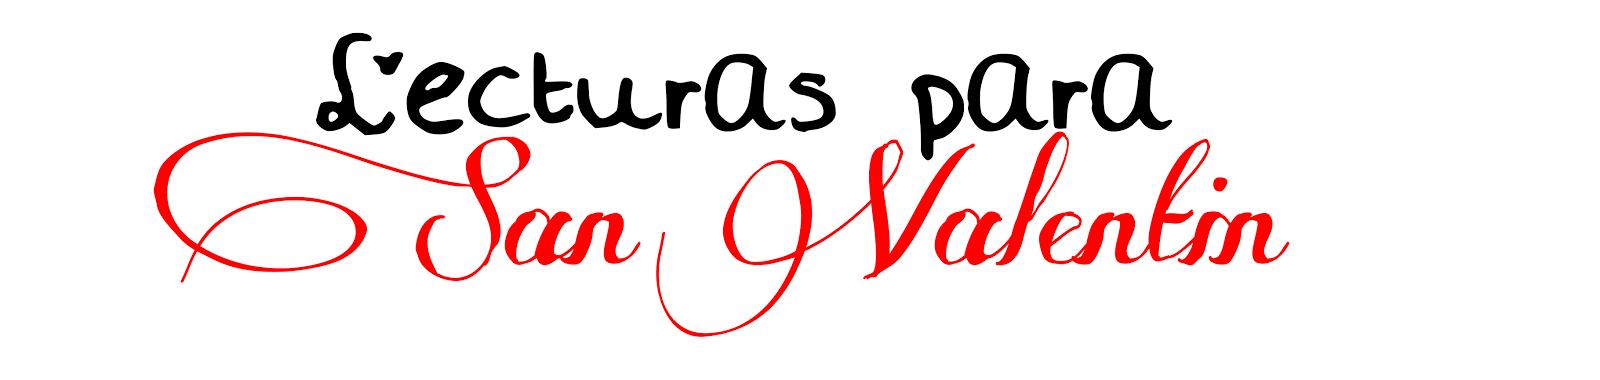 12 lecturas para empezar en San Valentín.